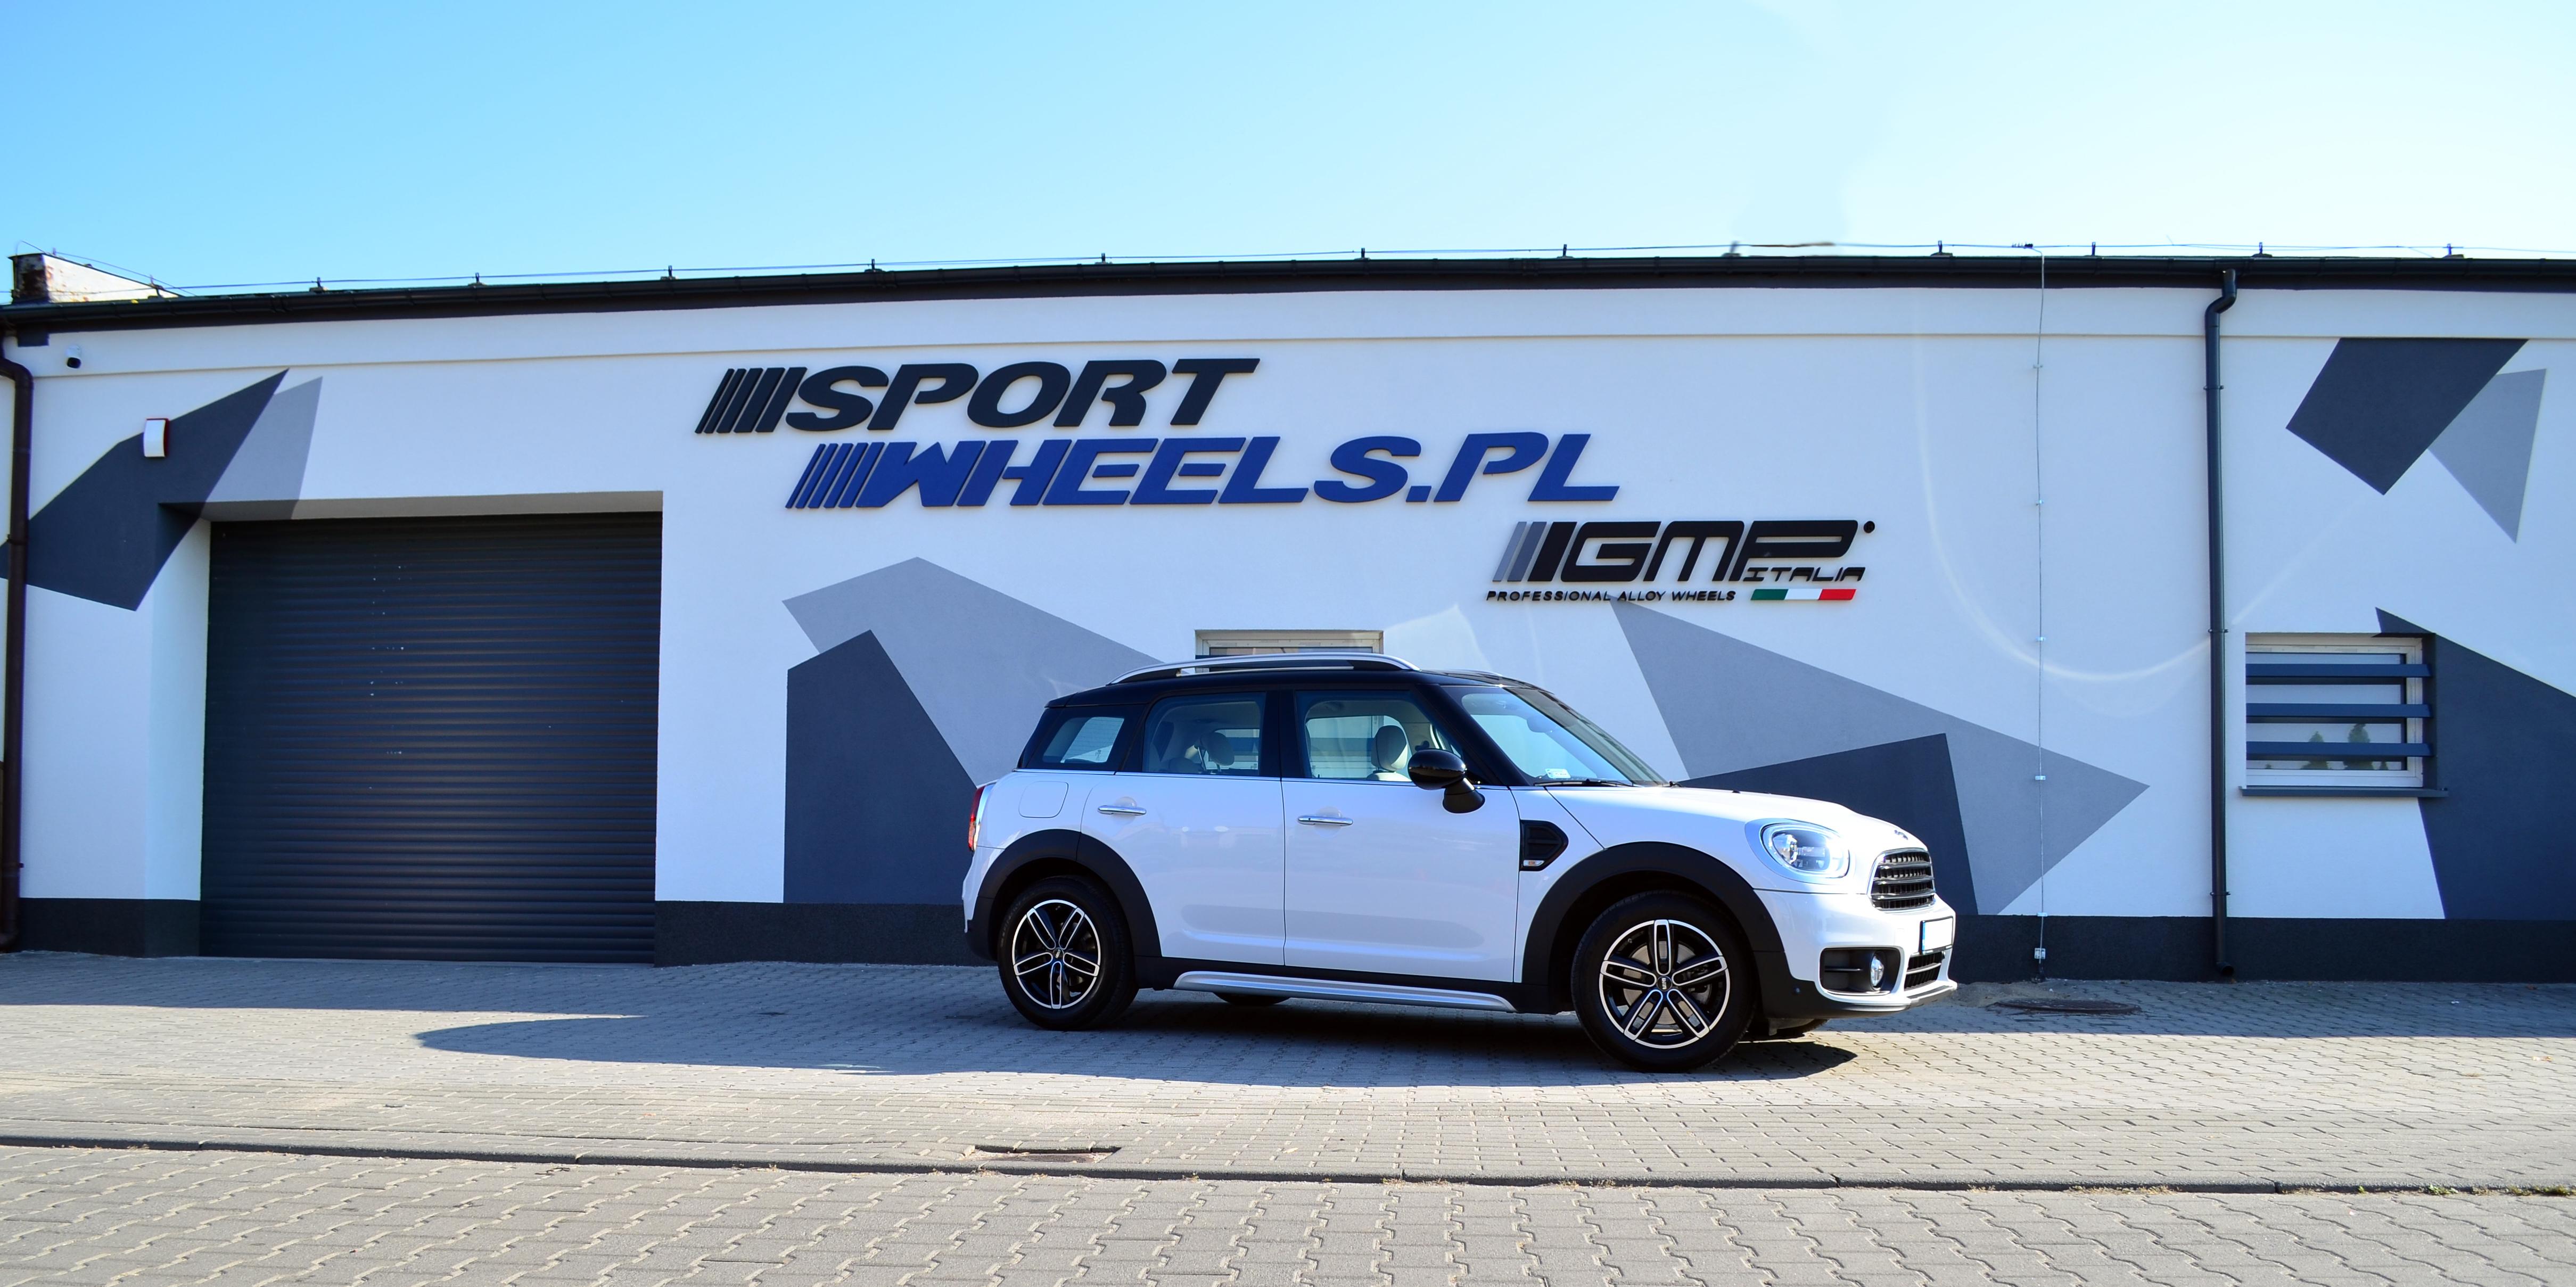 Firma Sportwheels.pl